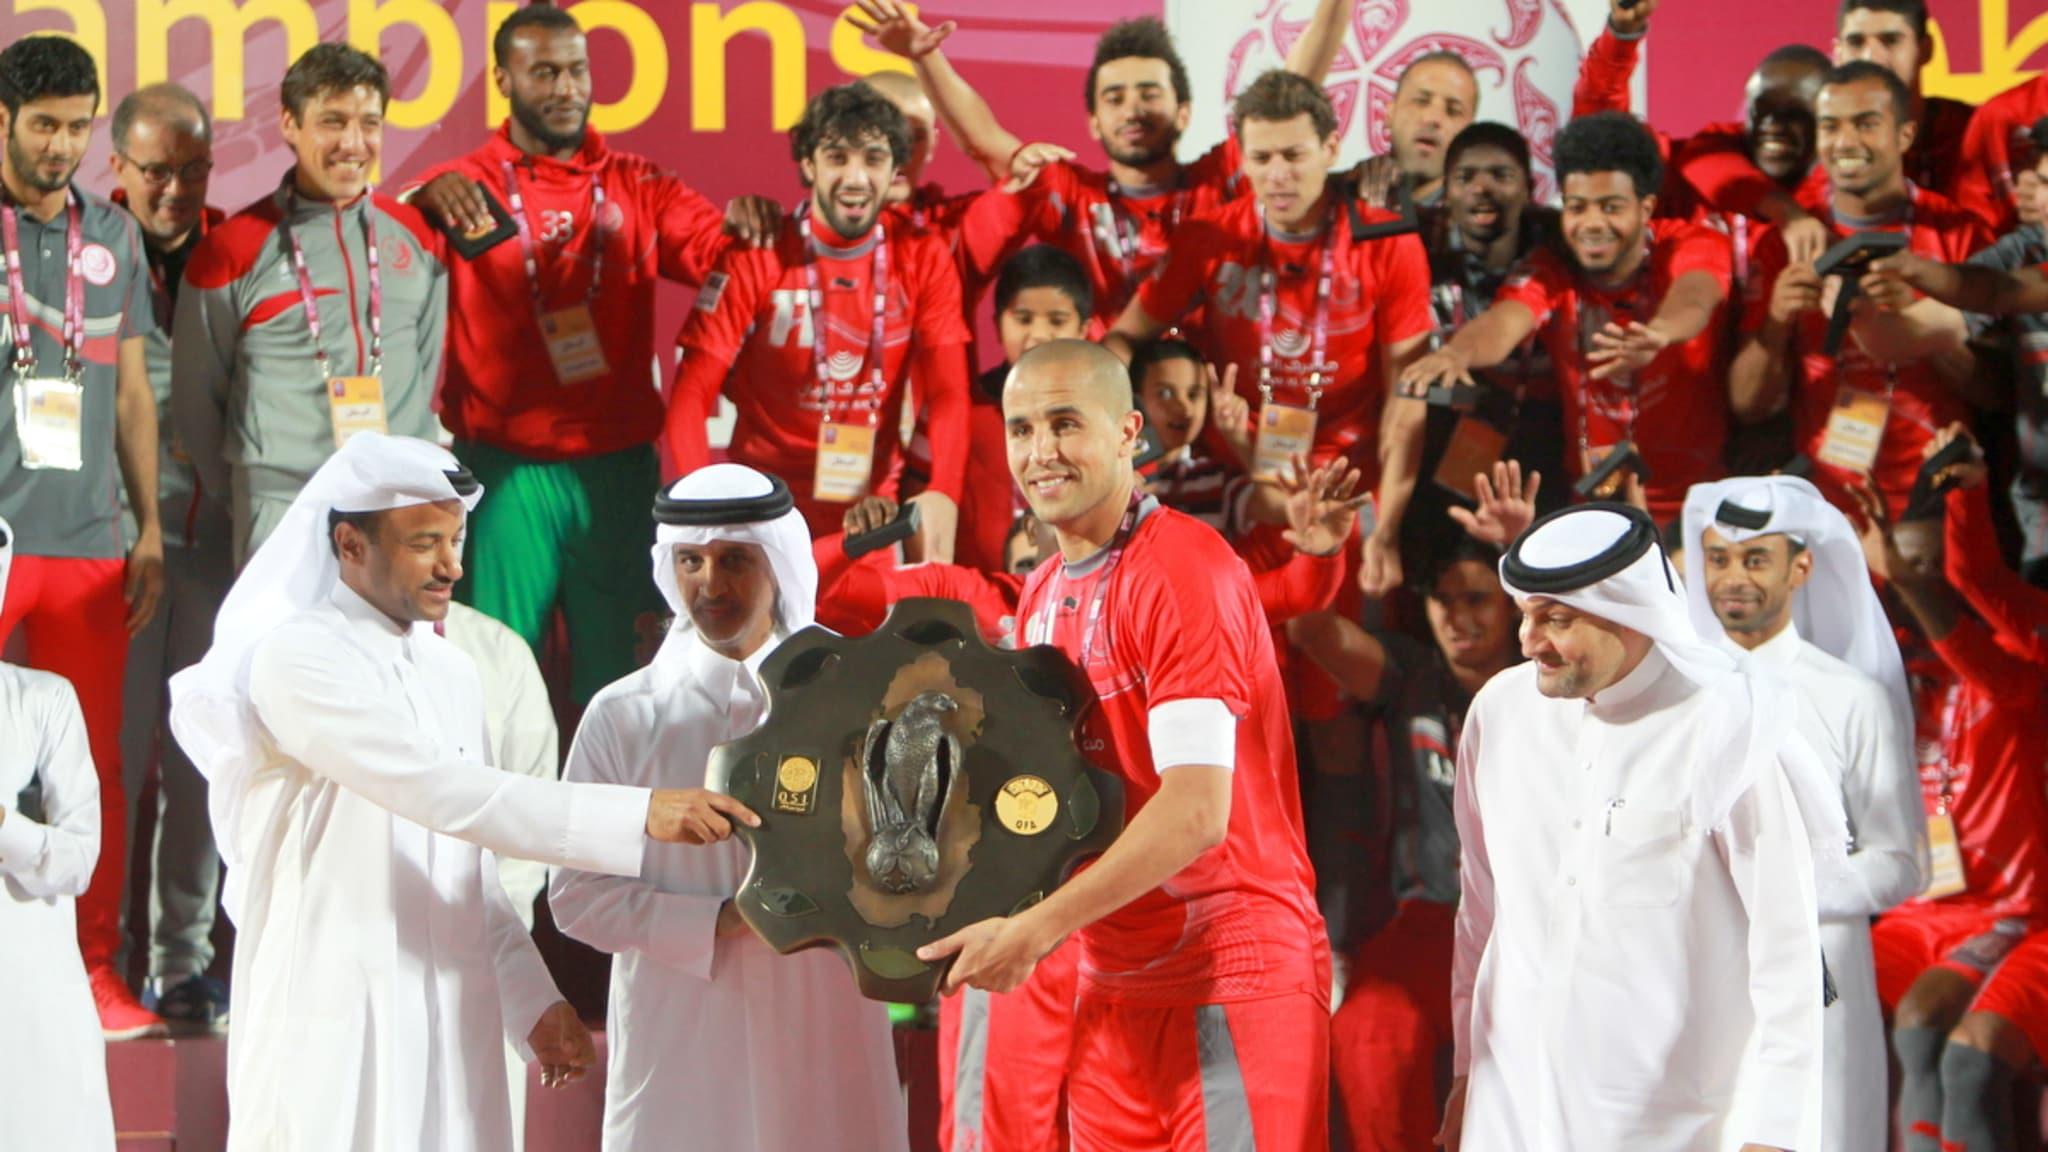 Катар проведет в России масштабный спортивный фестиваль